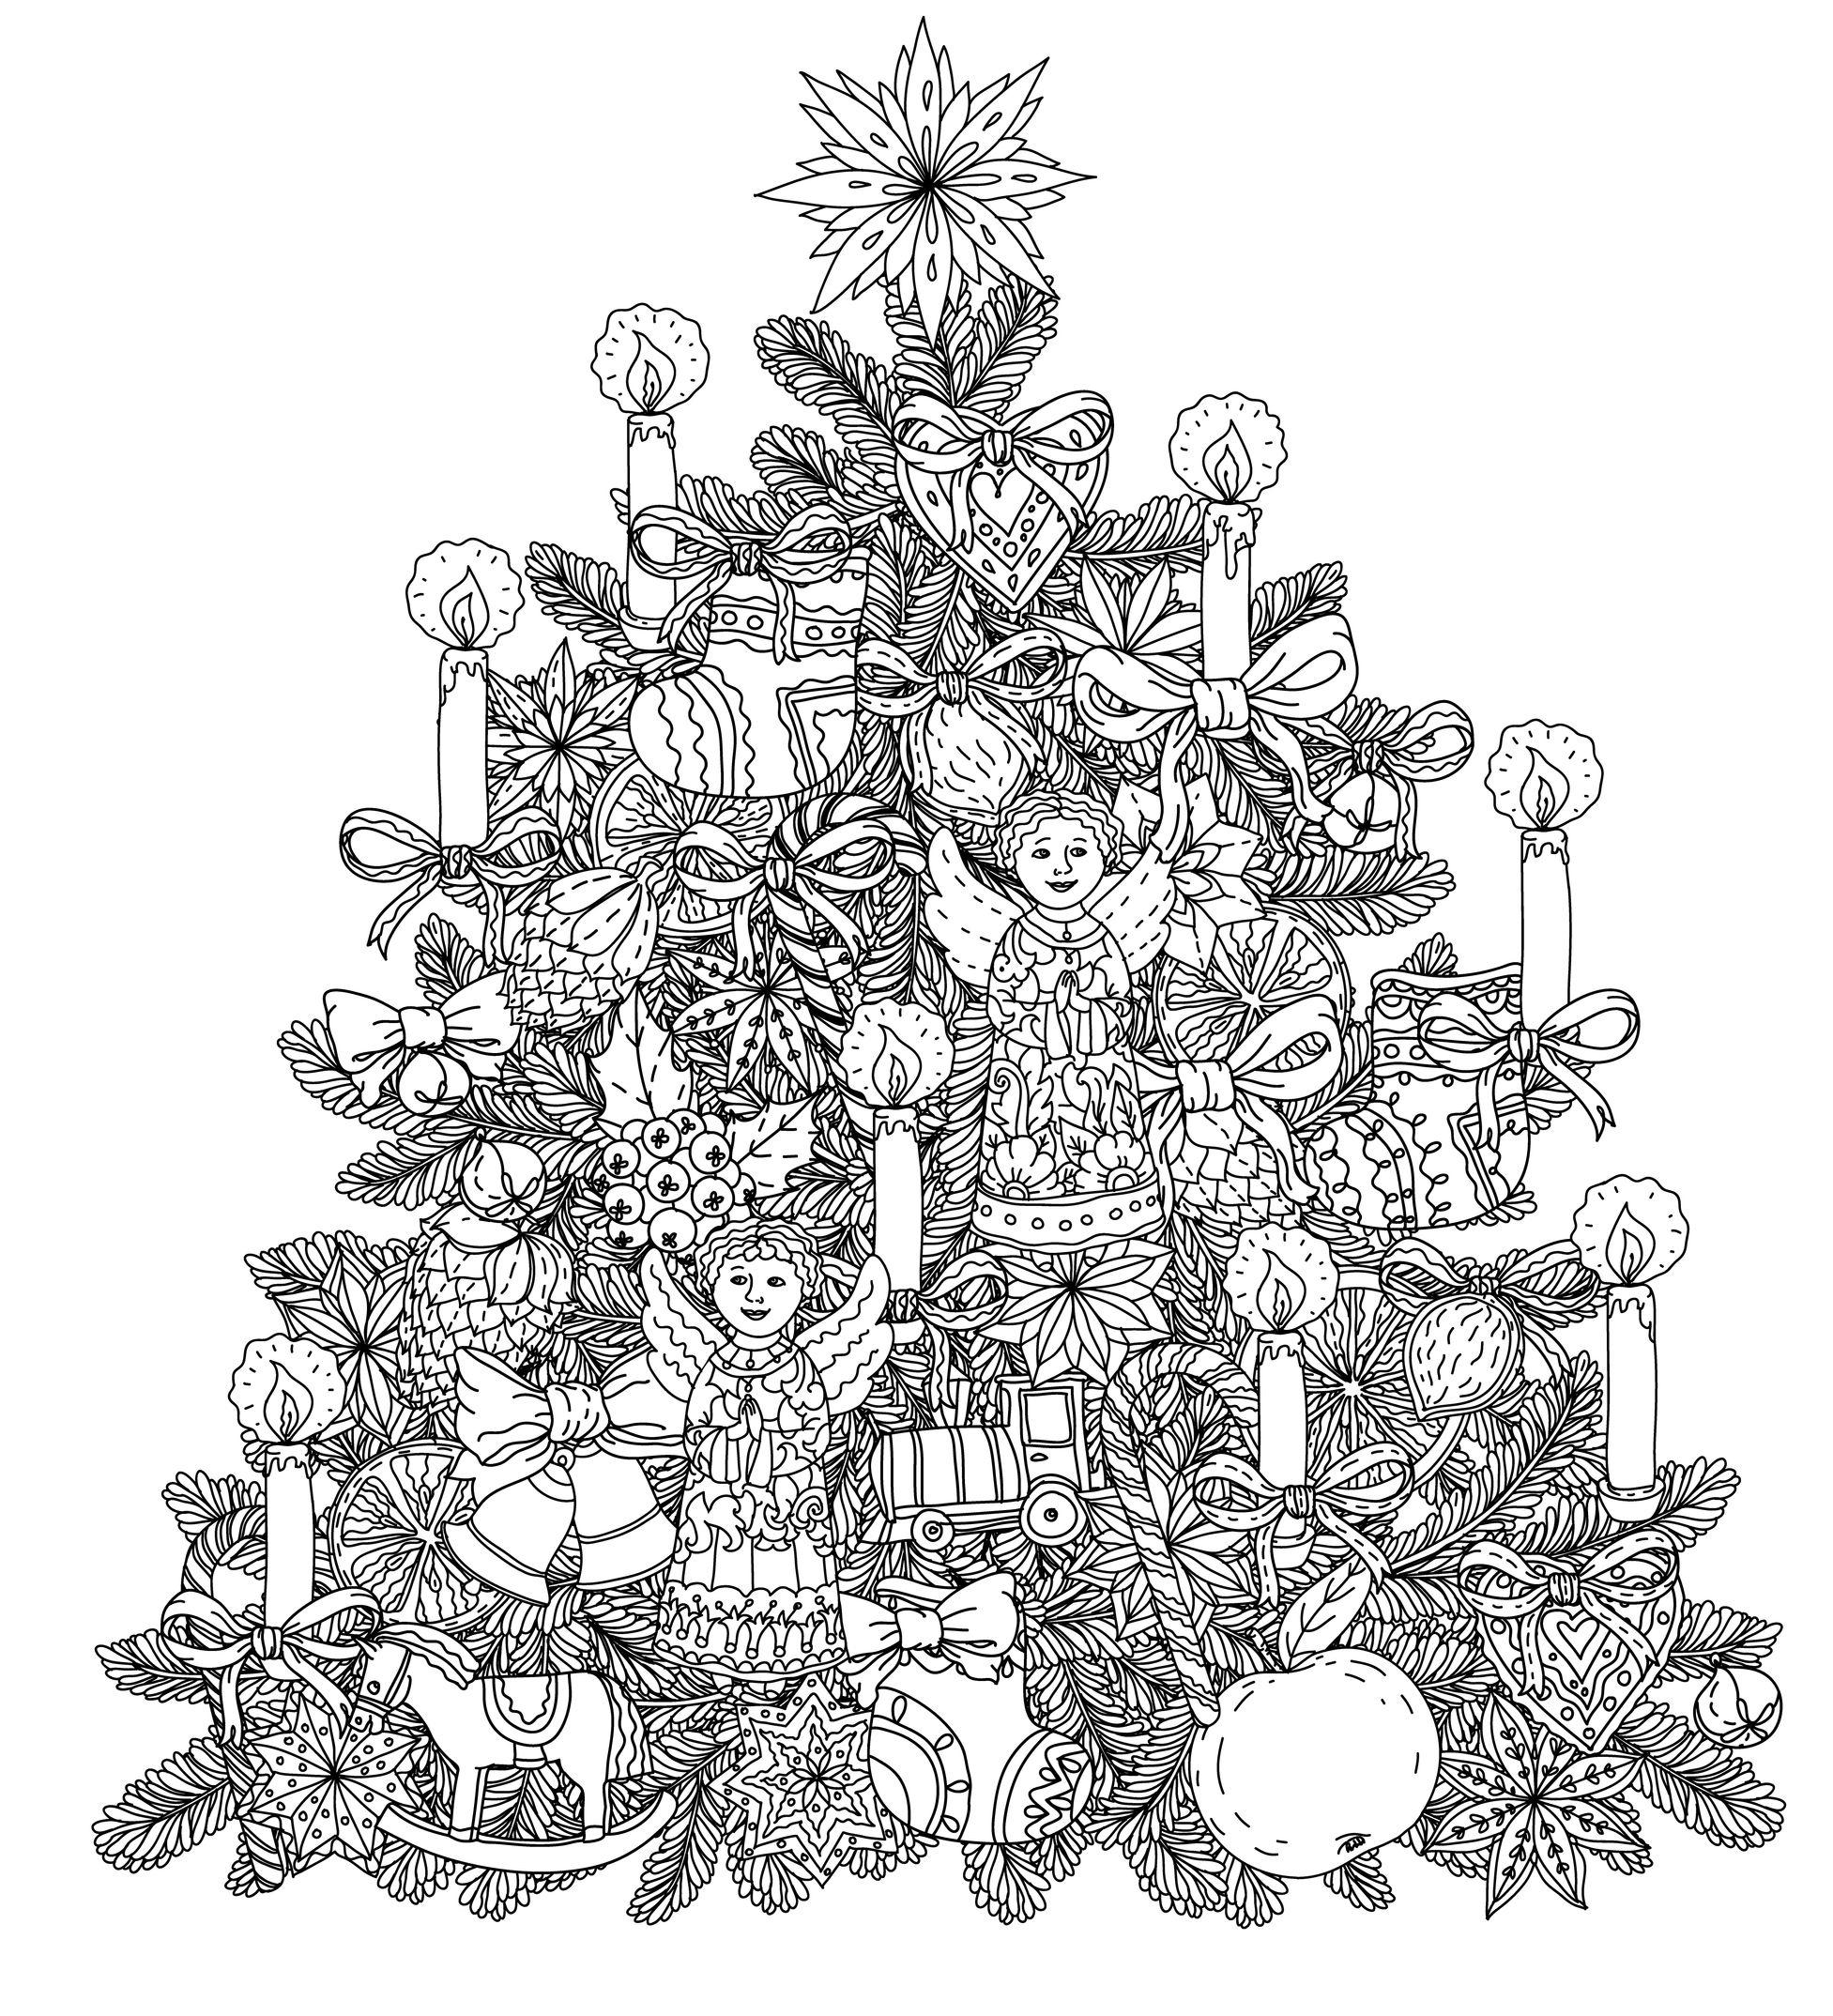 Coloriages De Noël - Coloriages Pour Enfants encequiconcerne Coloriage Village De Noel